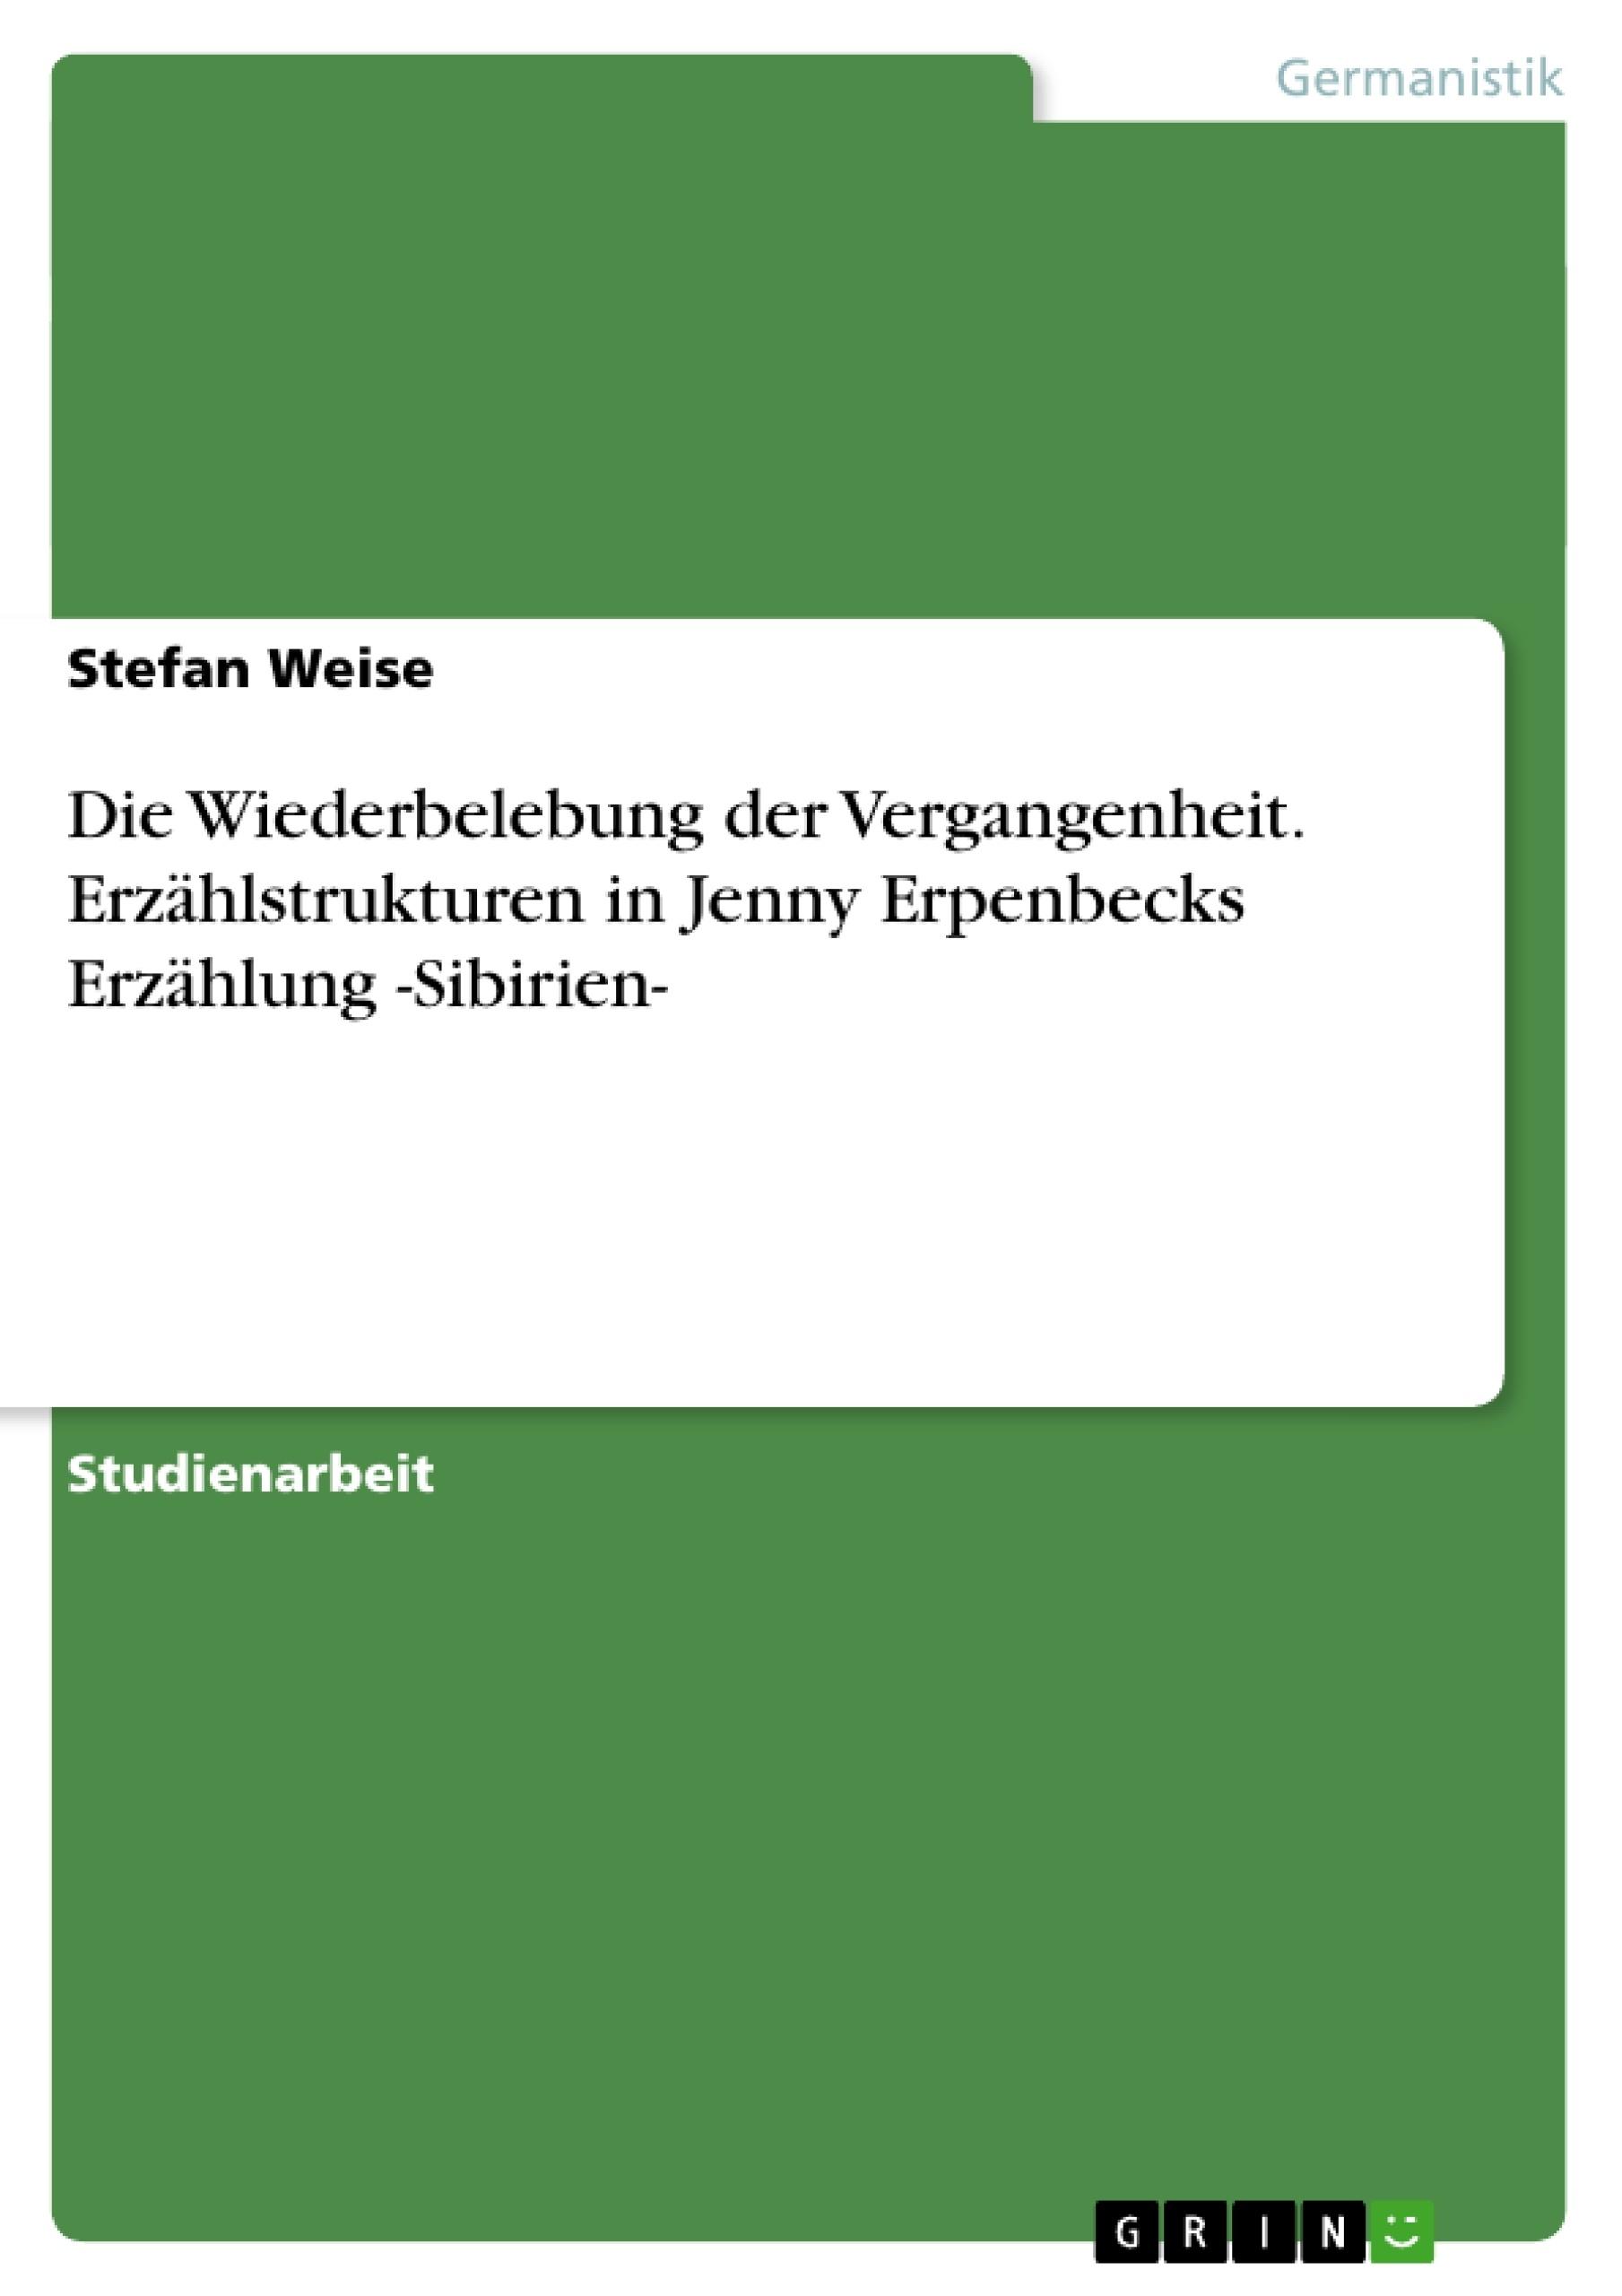 Titel: Die Wiederbelebung der Vergangenheit. Erzählstrukturen in Jenny Erpenbecks Erzählung -Sibirien-